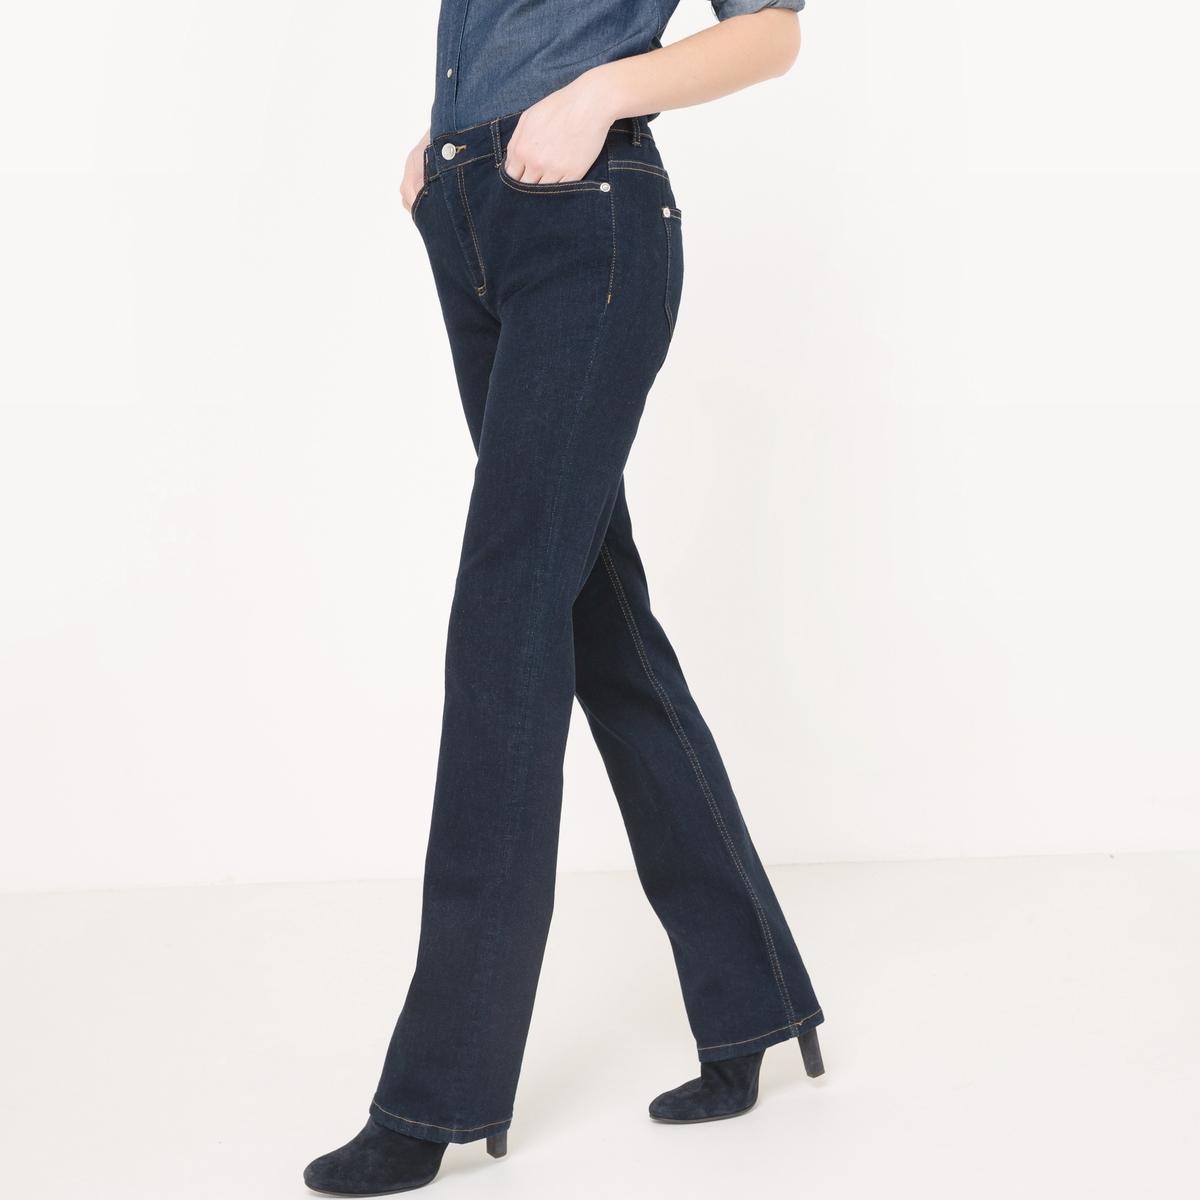 Джинсы прямые, длина 30-32-34Материал : 98% хлопка, 2% эластана             Высота пояса : стандартная            Покрой джинсов : прямой            Длина джинсов :Длина 30 - 32 - 34              Стирка : Машинная стирка при 30 °С в деликатном режиме            Уход : сухая чистка и отбеливание запрещены             Машинная сушка : машинная сушка в умеренном режиме            Глажка : при средней температуре<br><br>Цвет: белый,голубой потертый,светло-серый,синий потертый,темно-синий,черный с пропиткой<br>Размер: 26 длина 32.29 длина 32.30 длина 34.36 (US) длина 32.33 длина 34.32 длина 34.29 длина 34.29 длина 30.33 длина 32.33 длина 30.31 длина 32.31 длина 30.28 (US) длина 32.25 длина 32.27 длина 30.30 (US) длина 32